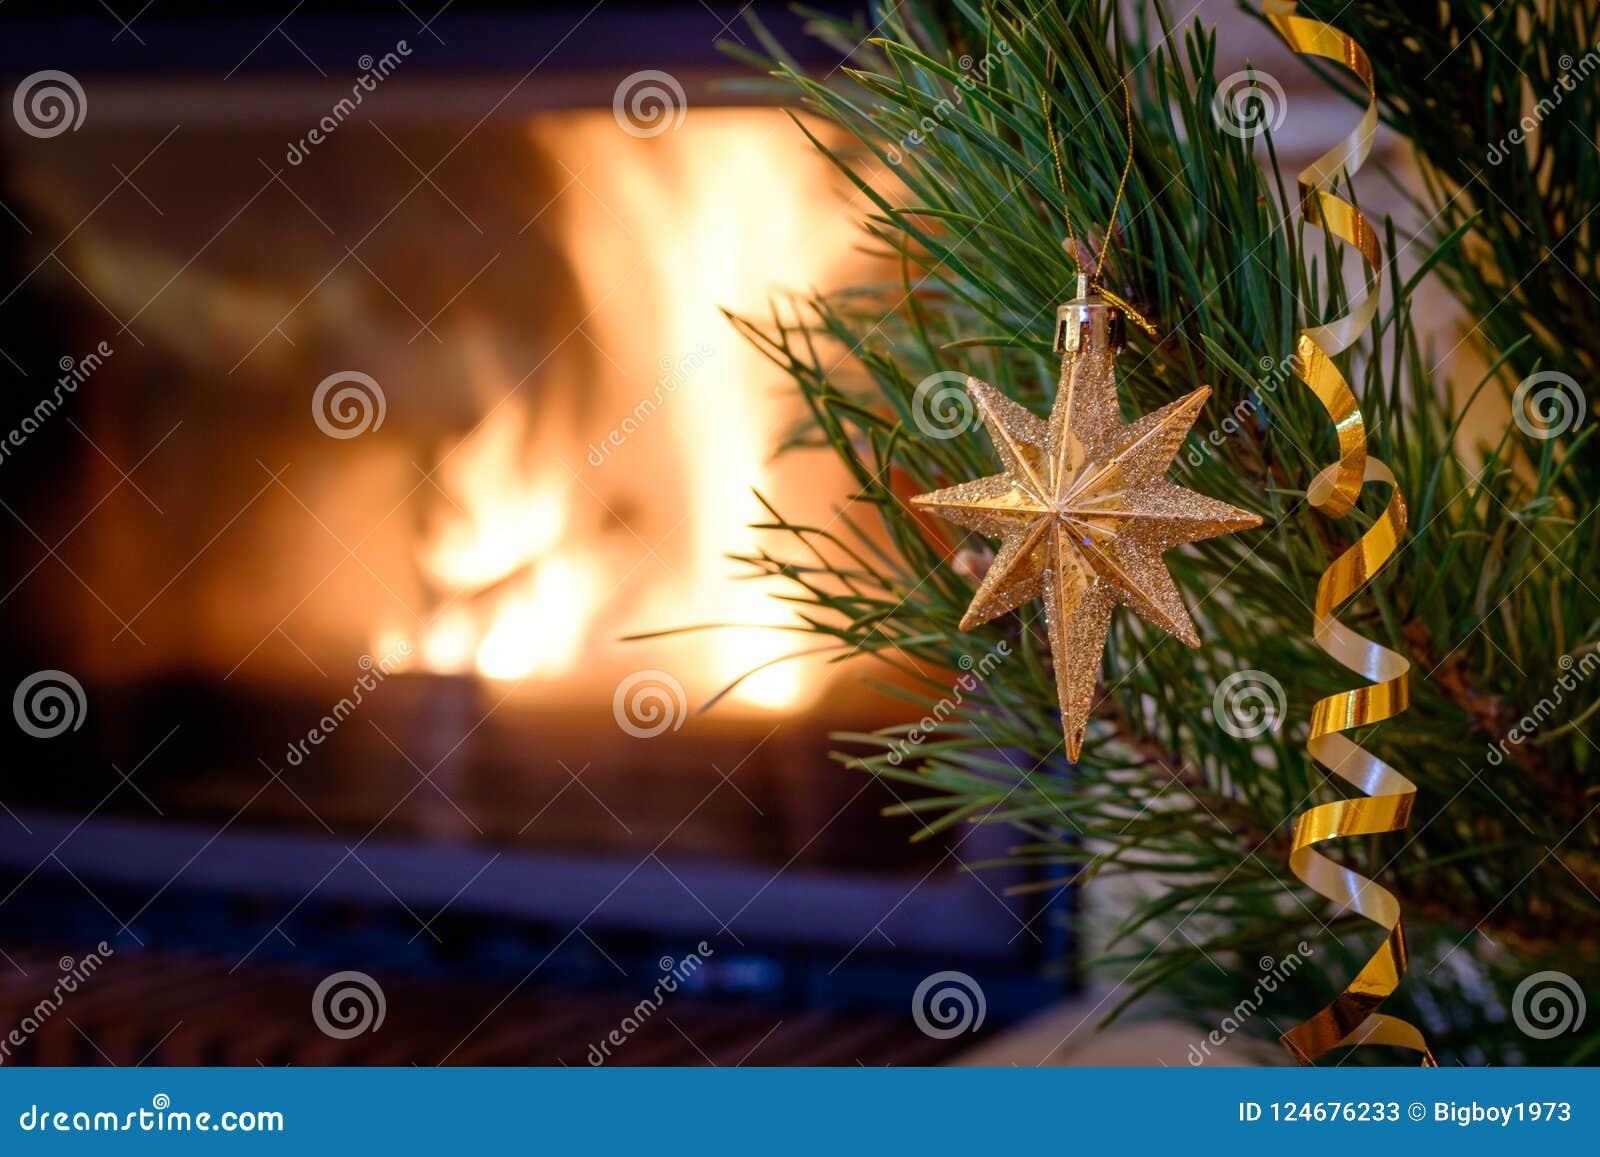 Burning Christmas Tree.Christmas Toys On The Christmas Tree Near The Burning